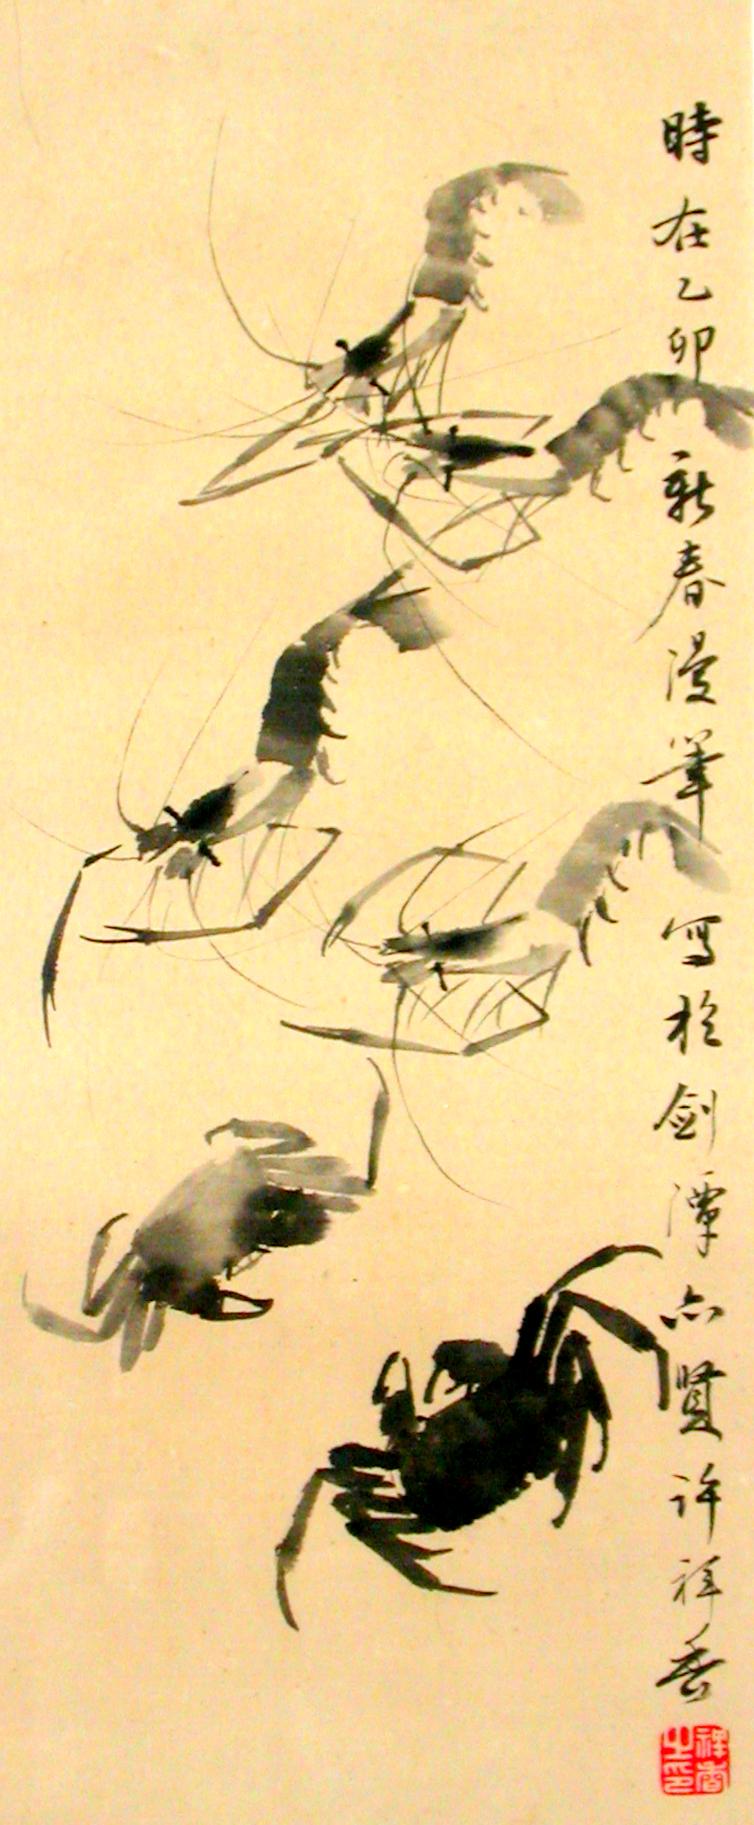 《水墨蝦蟹》父親許祥香先生1975年作於台北